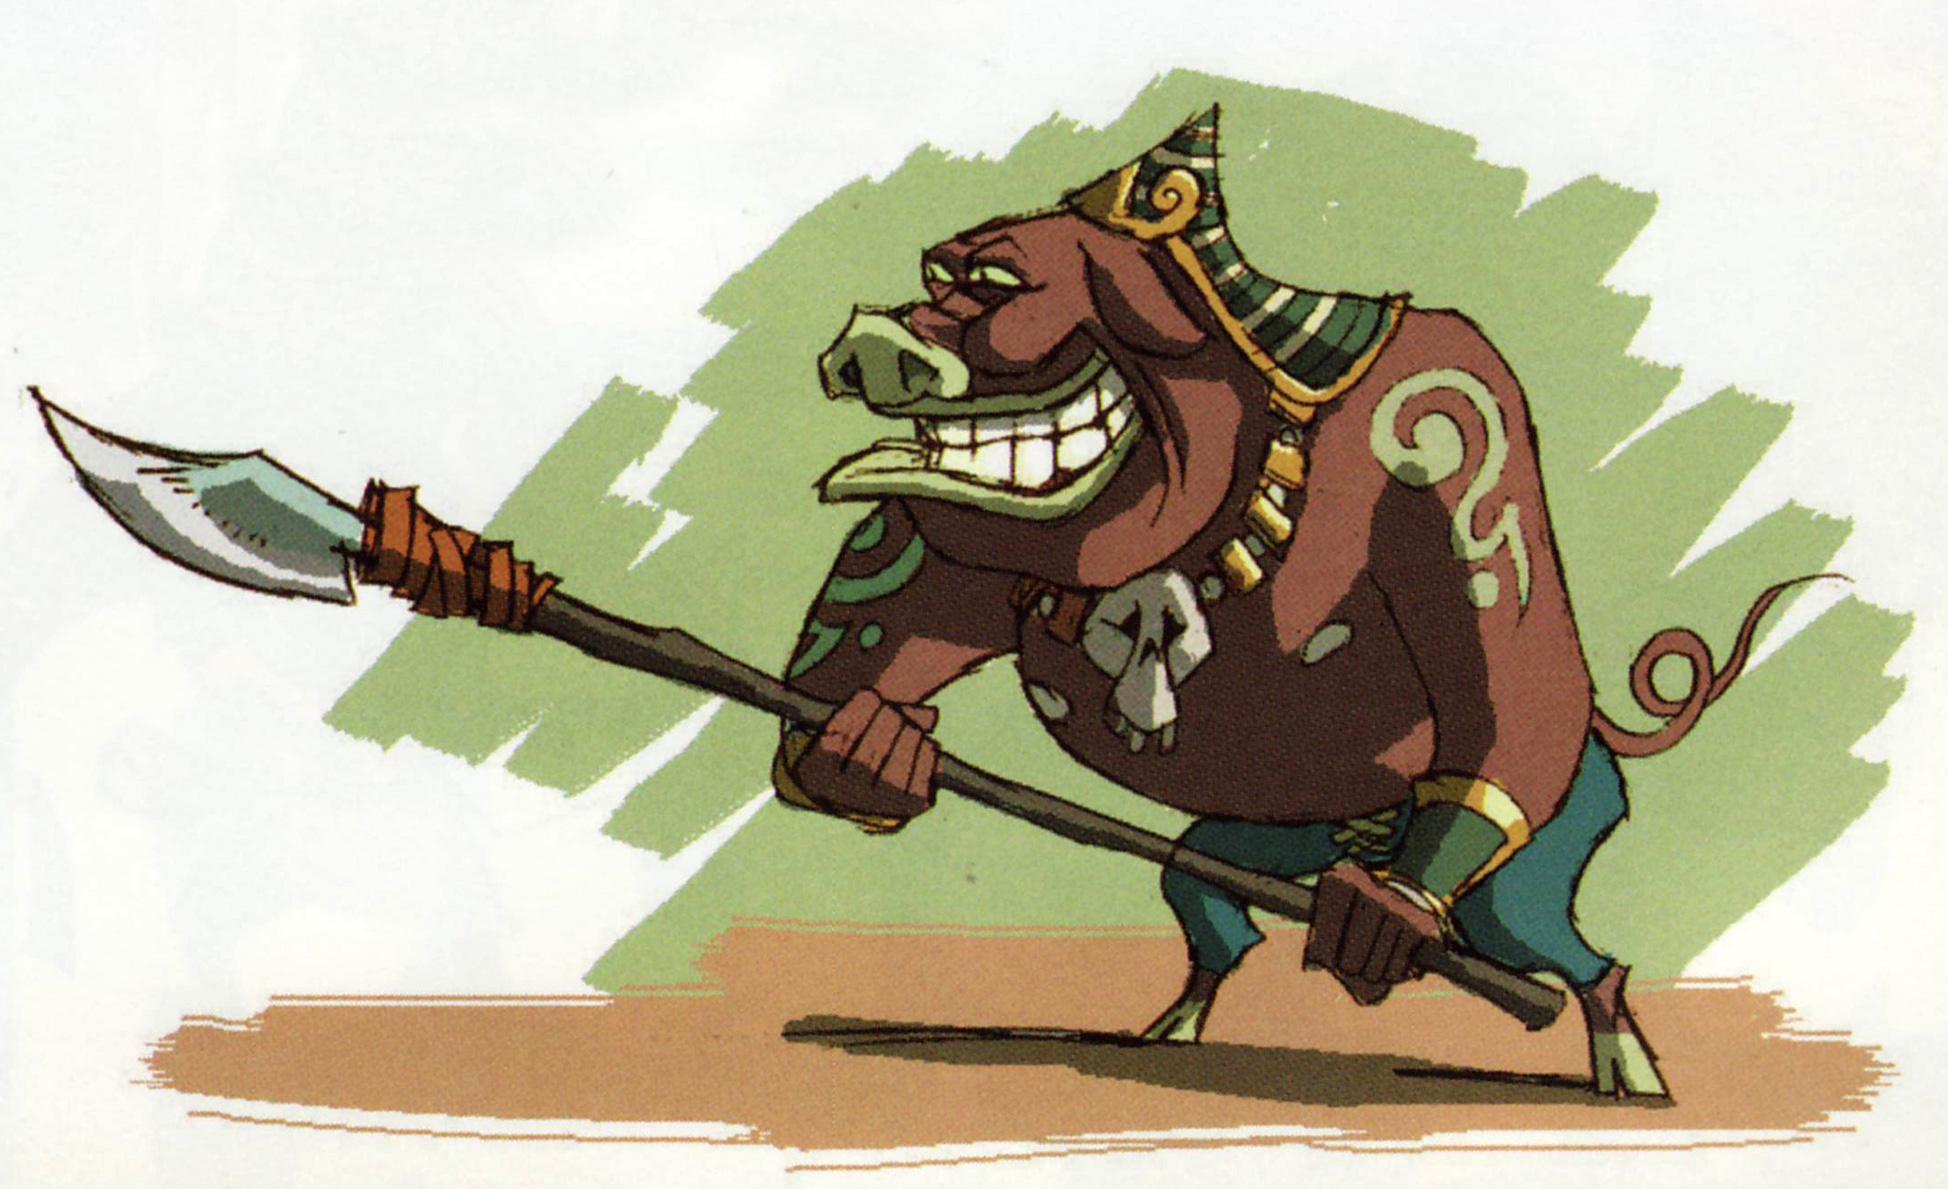 WW Moblin